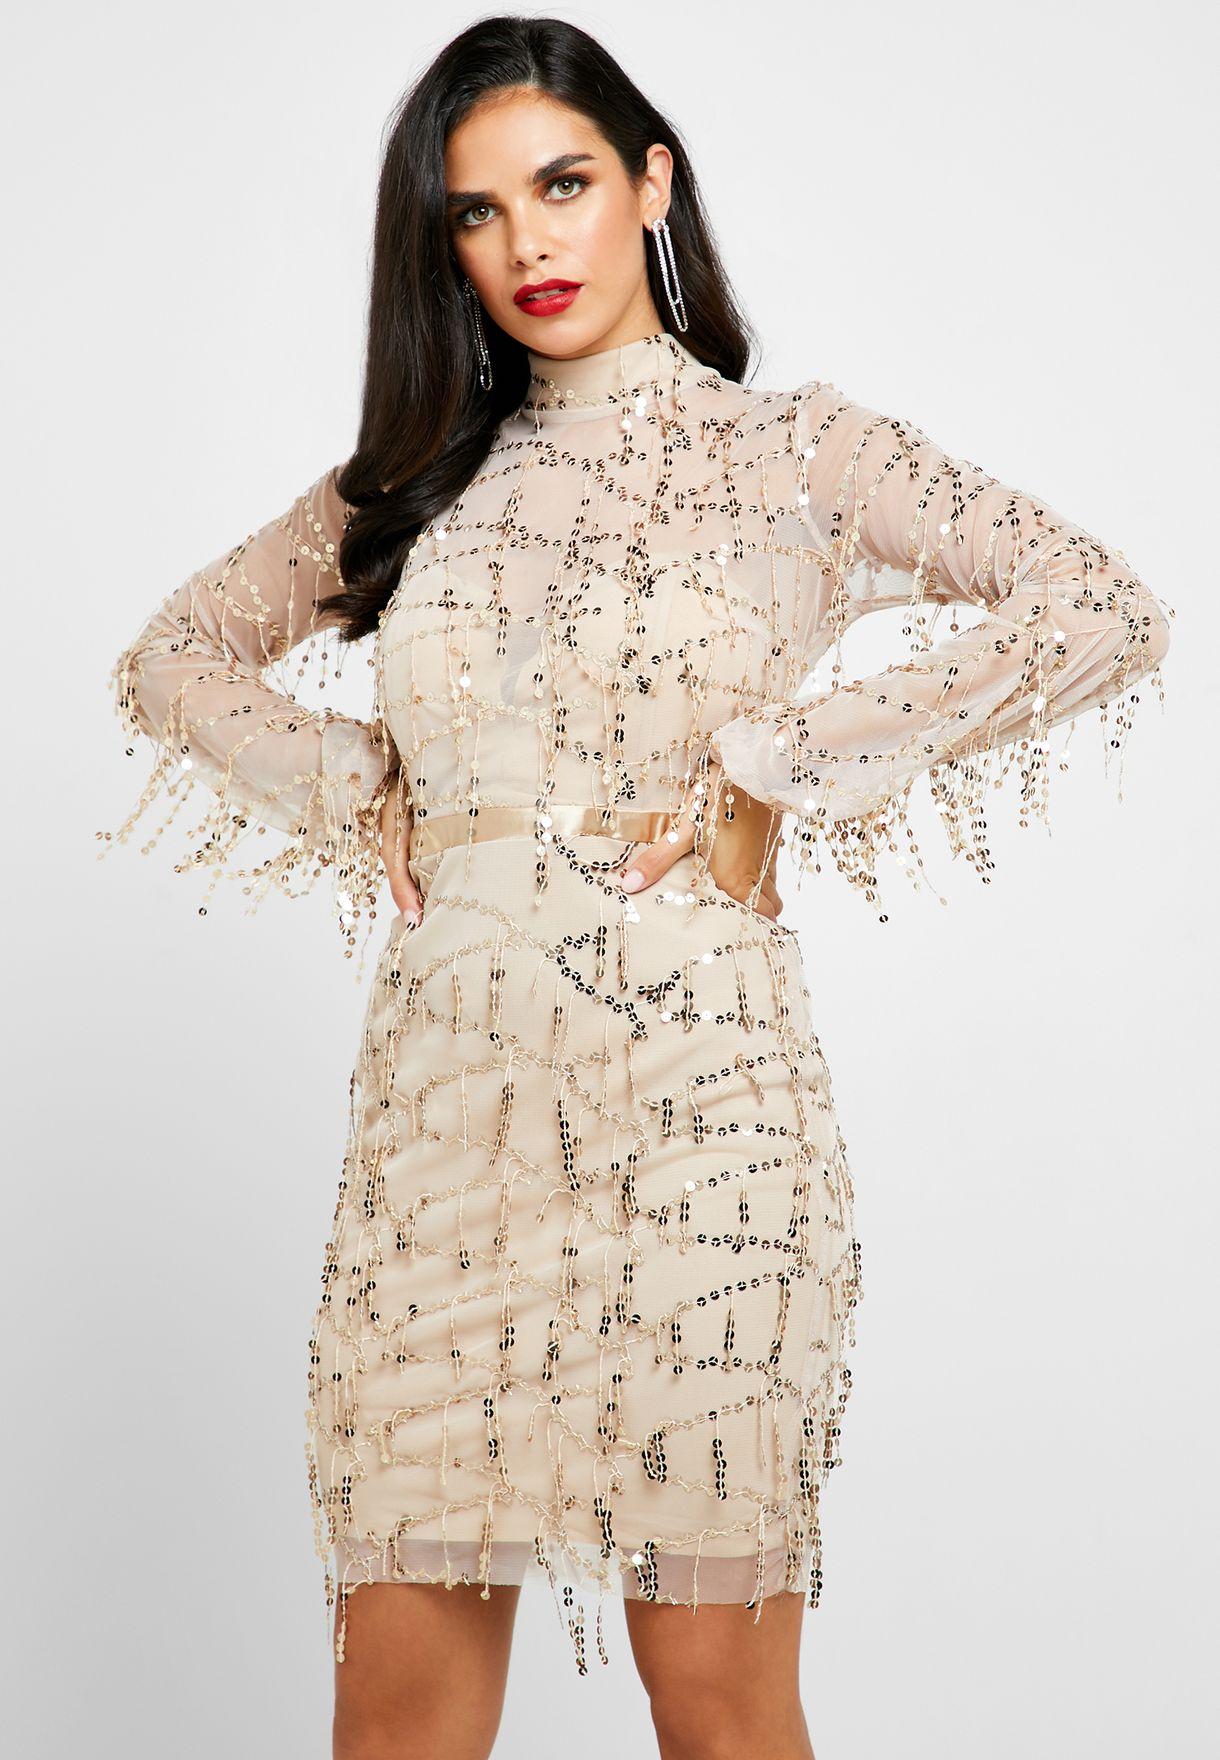 Drop Sequin High Neck Mini Dress